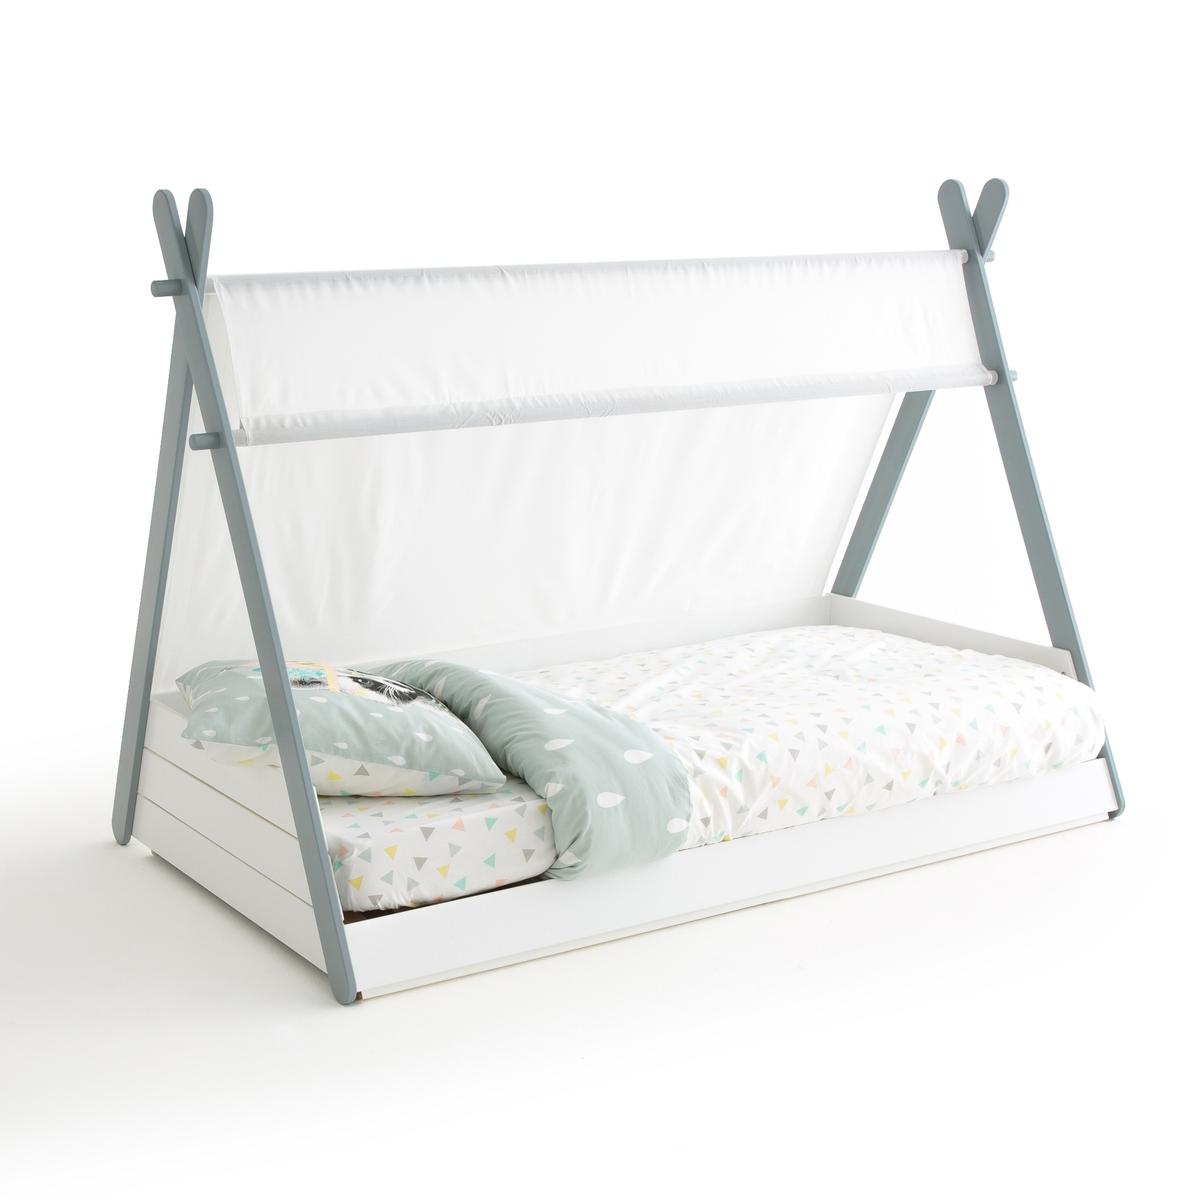 Кровать LaRedoute Детская Tipi с сеткой SIFFROY 90 x 190 см белый